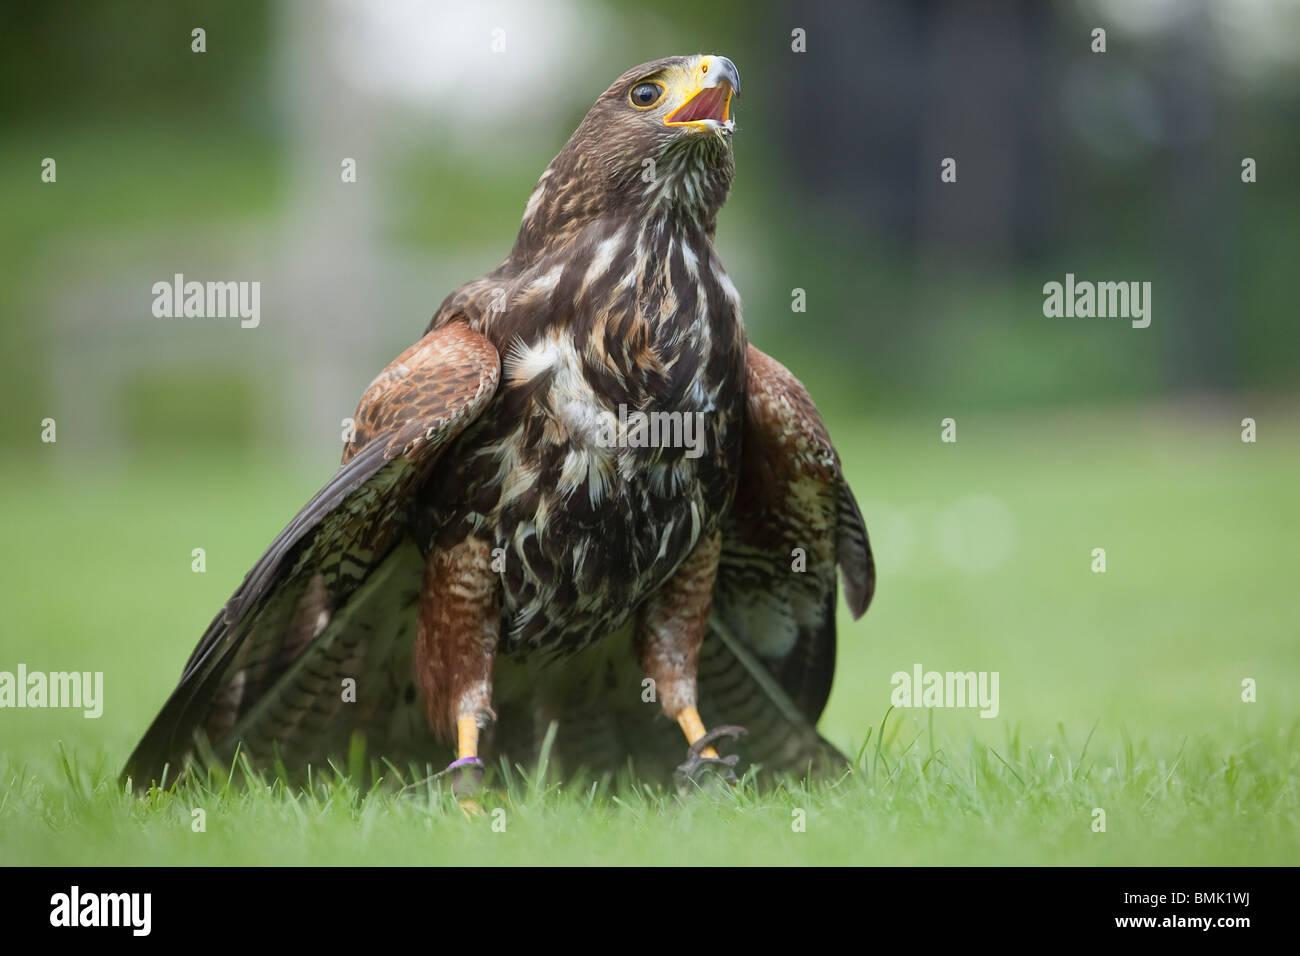 Ein Harris Hawk oder Harris Hawk (Parabuteo Unicinctus) während einer Demonstration der Falknerei in England Stockbild